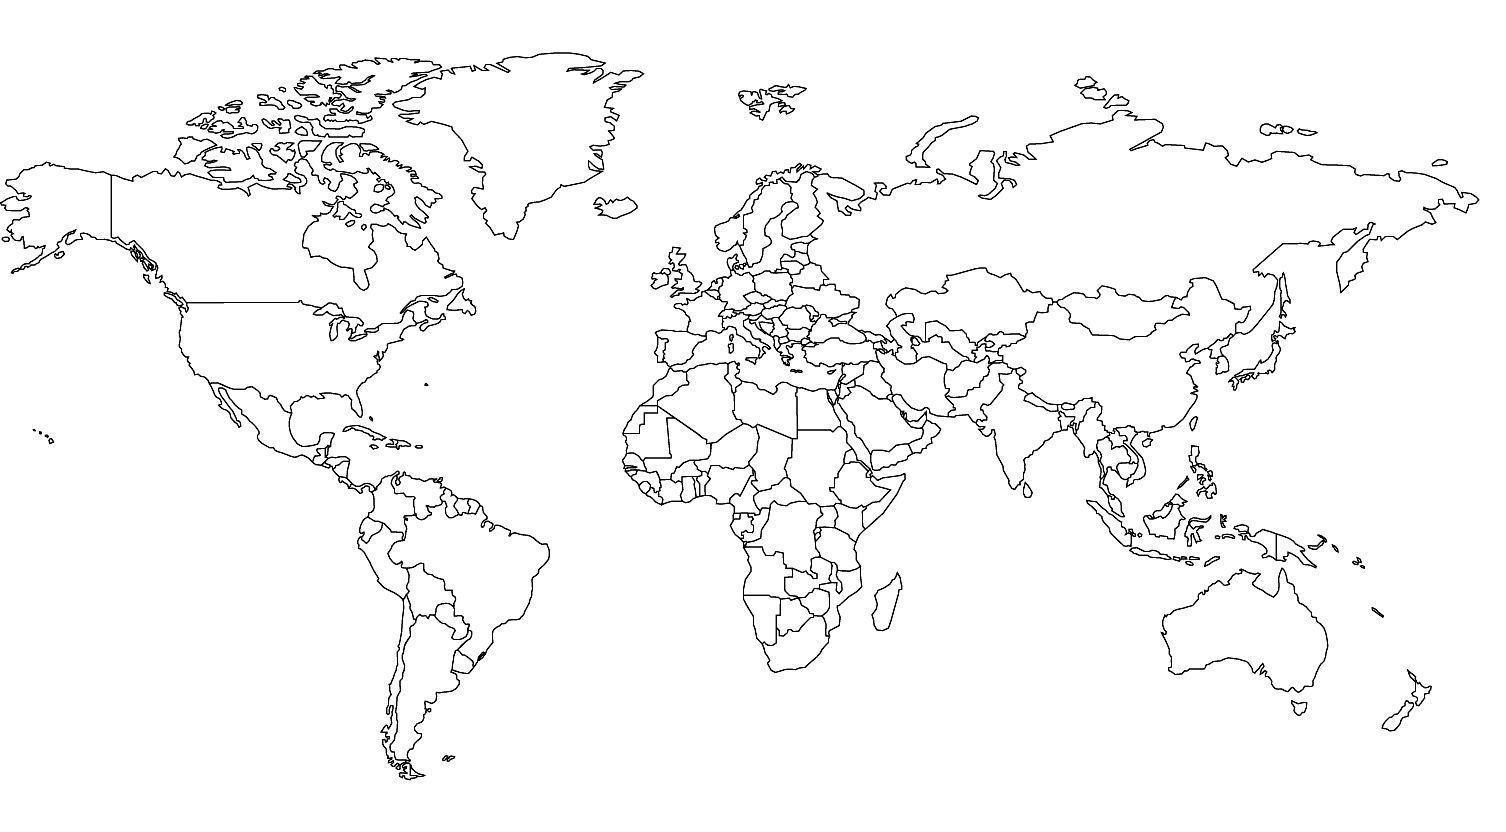 Weltkarte Zum Ausmalen - Az Ausmalbilder | Weltkarte Zum verwandt mit Weltkarte Umrisse